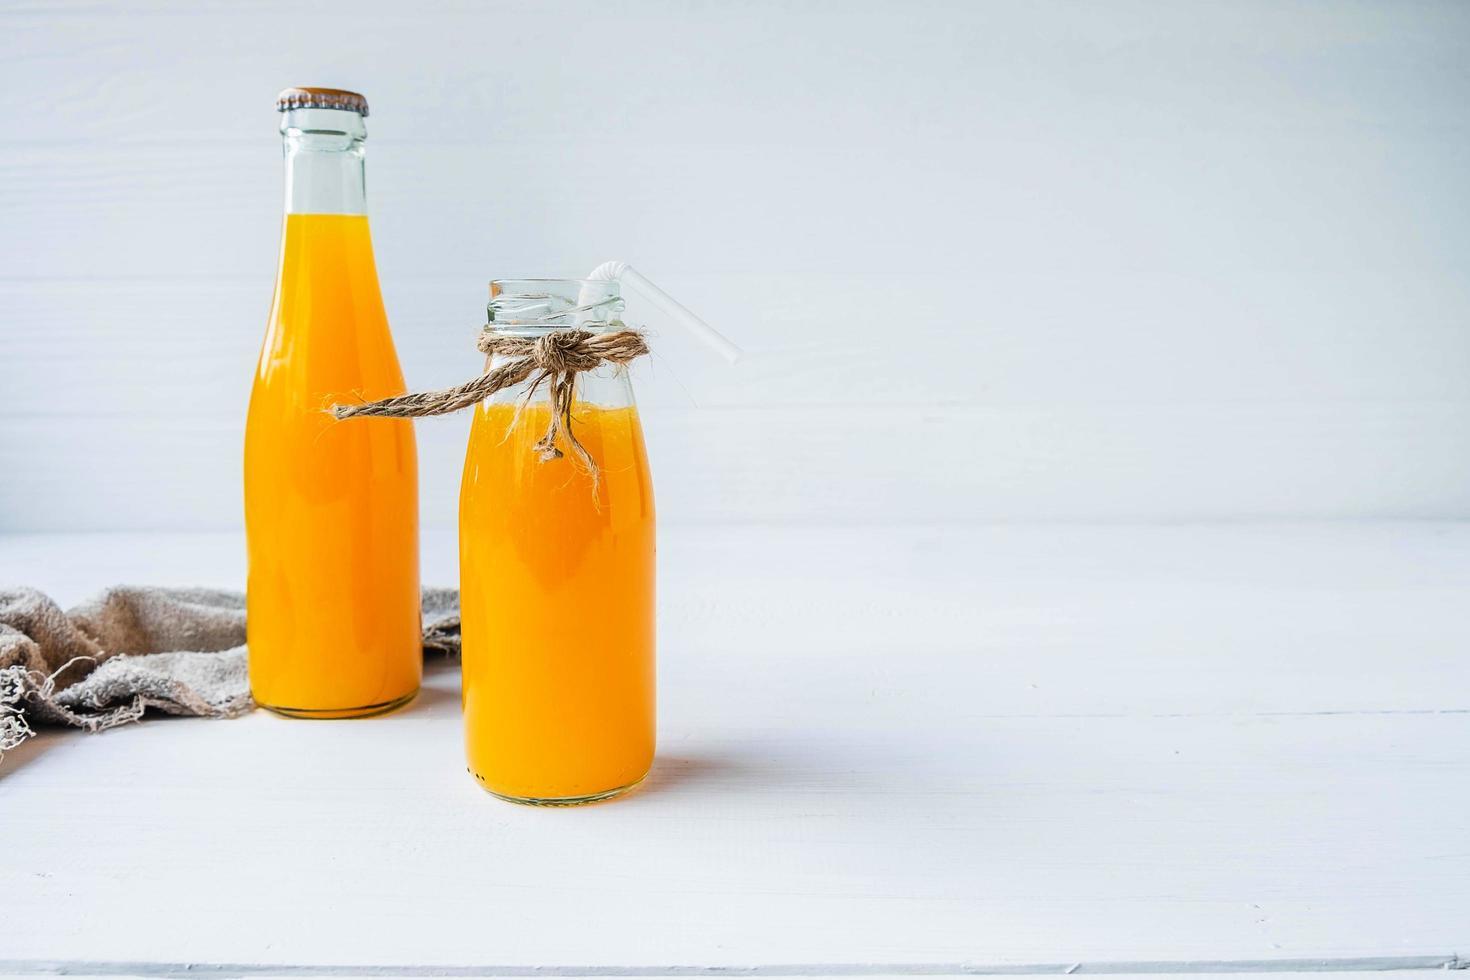 flaskor apelsinjuice foto